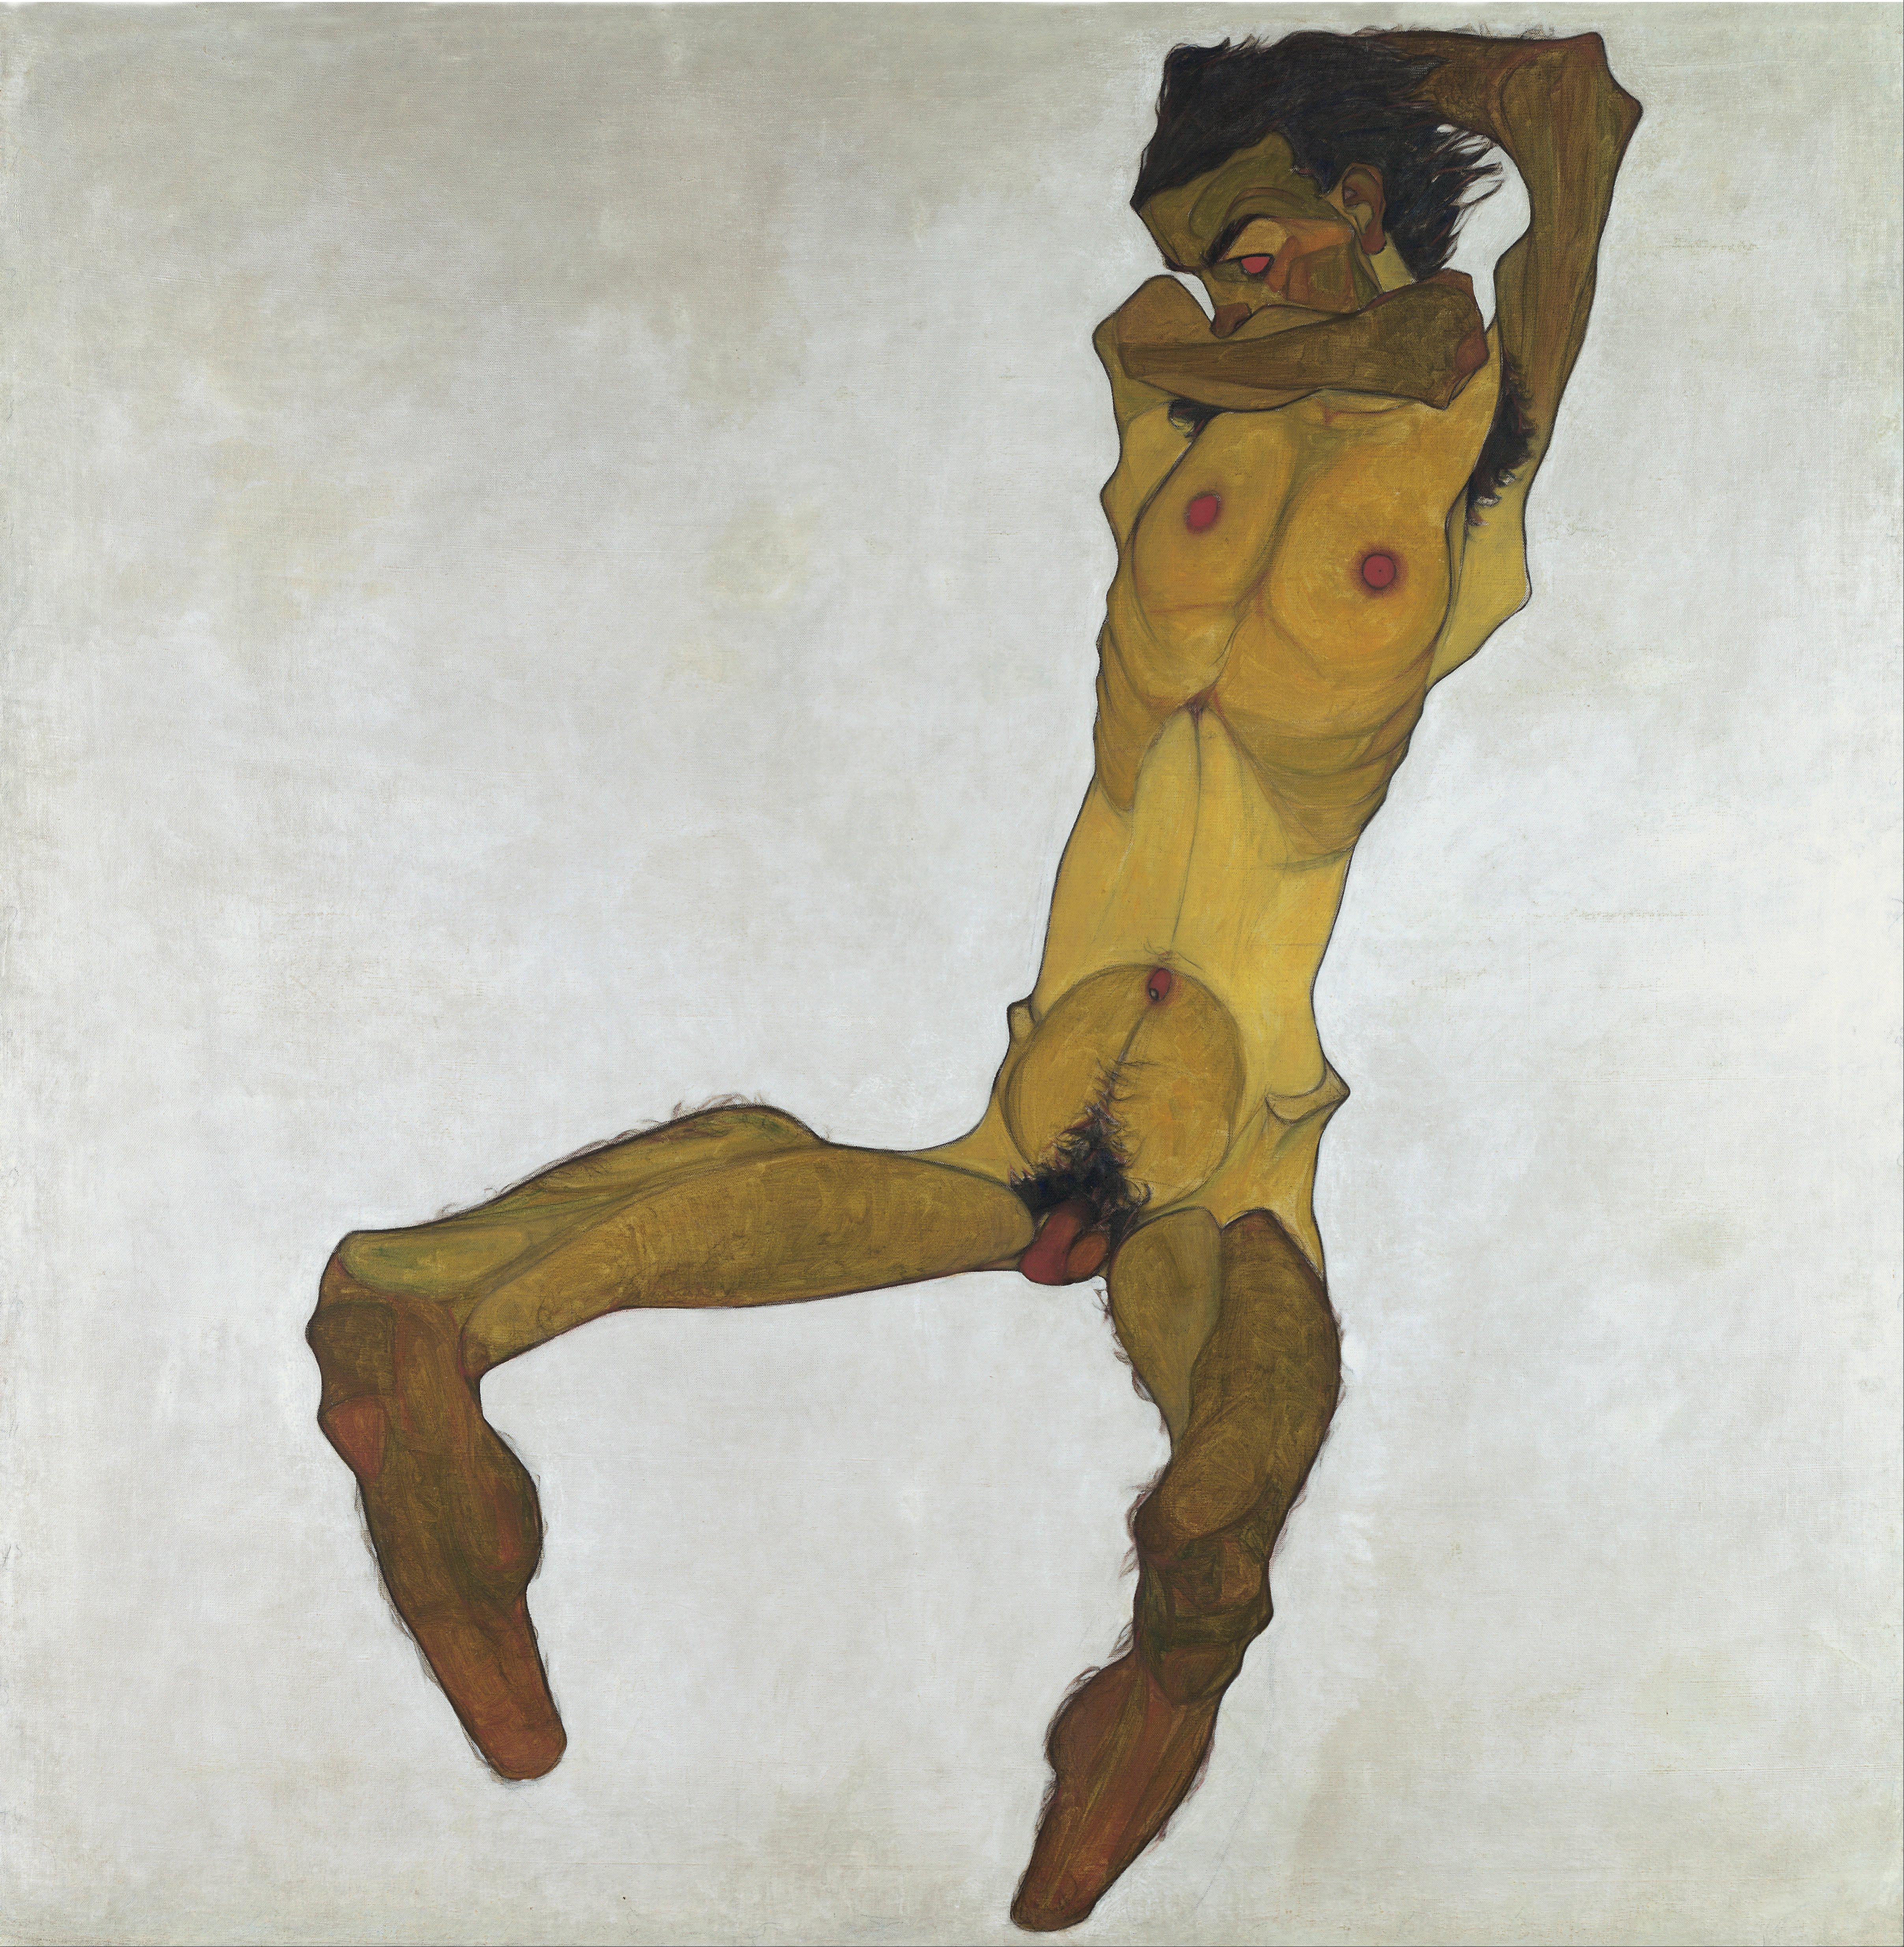 """(Selbstdarstellung) """" Seated Male Nude (Self-Portrait) title QS:P1476,en:""""Seated Male Nude (Self-Portrait)"""" label QS:Len,""""Seated Male Nude (Self-Portrait)"""" Object"""